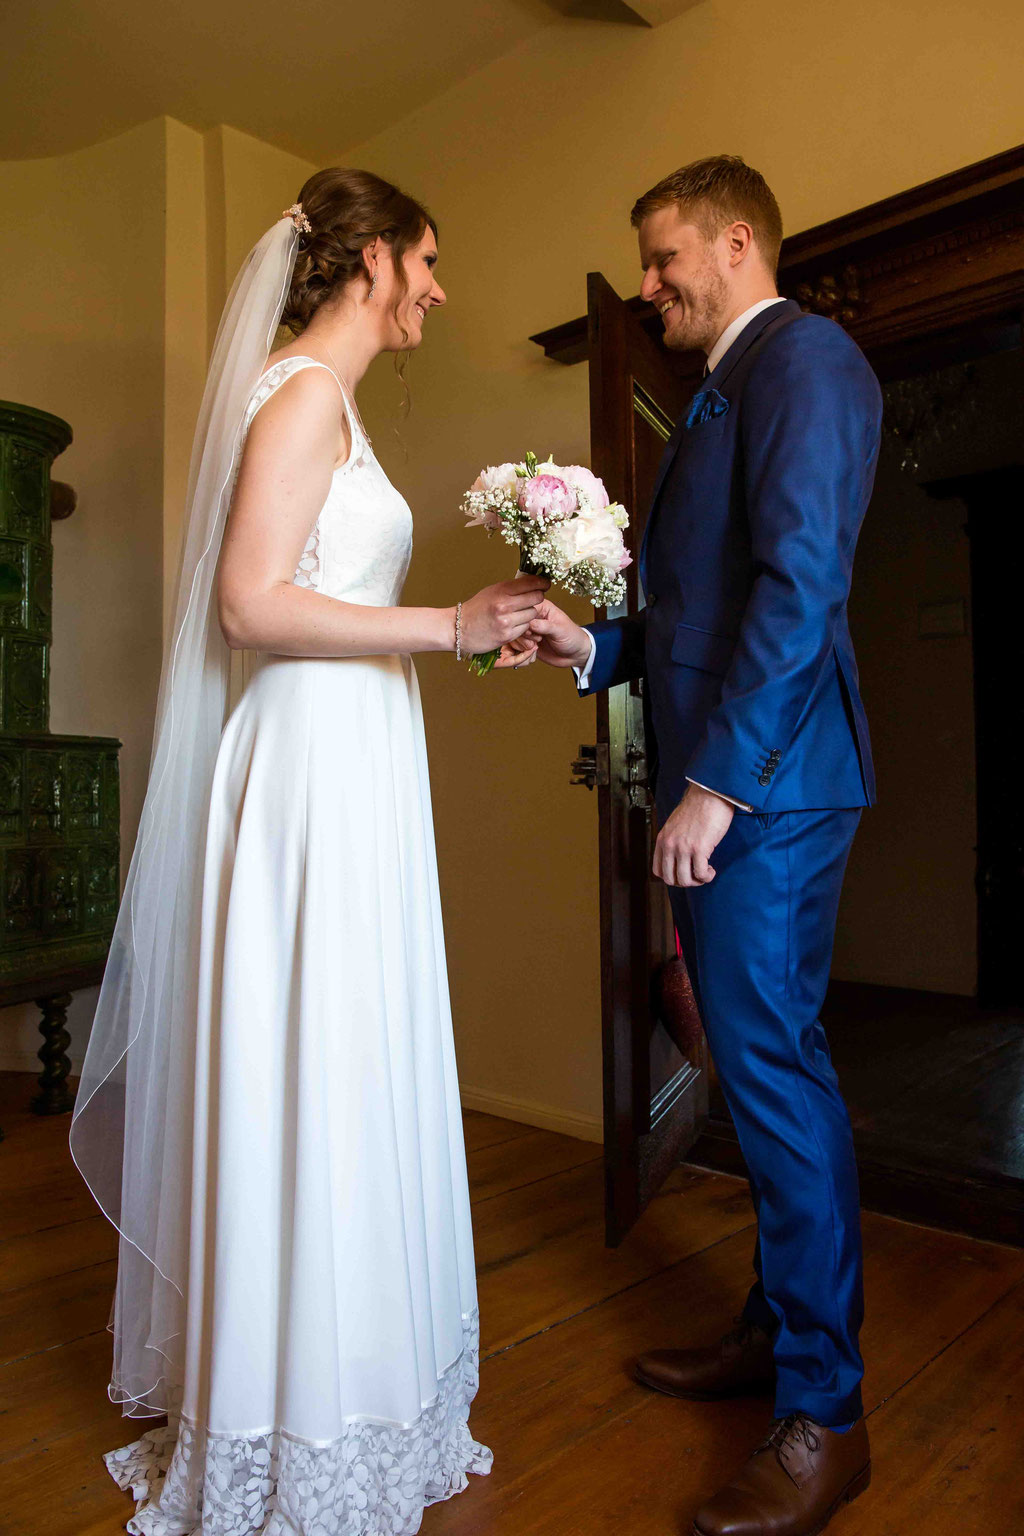 first look, Überraschung an der Hochzeit, Hochzeitsbild, Hochzeitsfotografin fotografiert Trauung